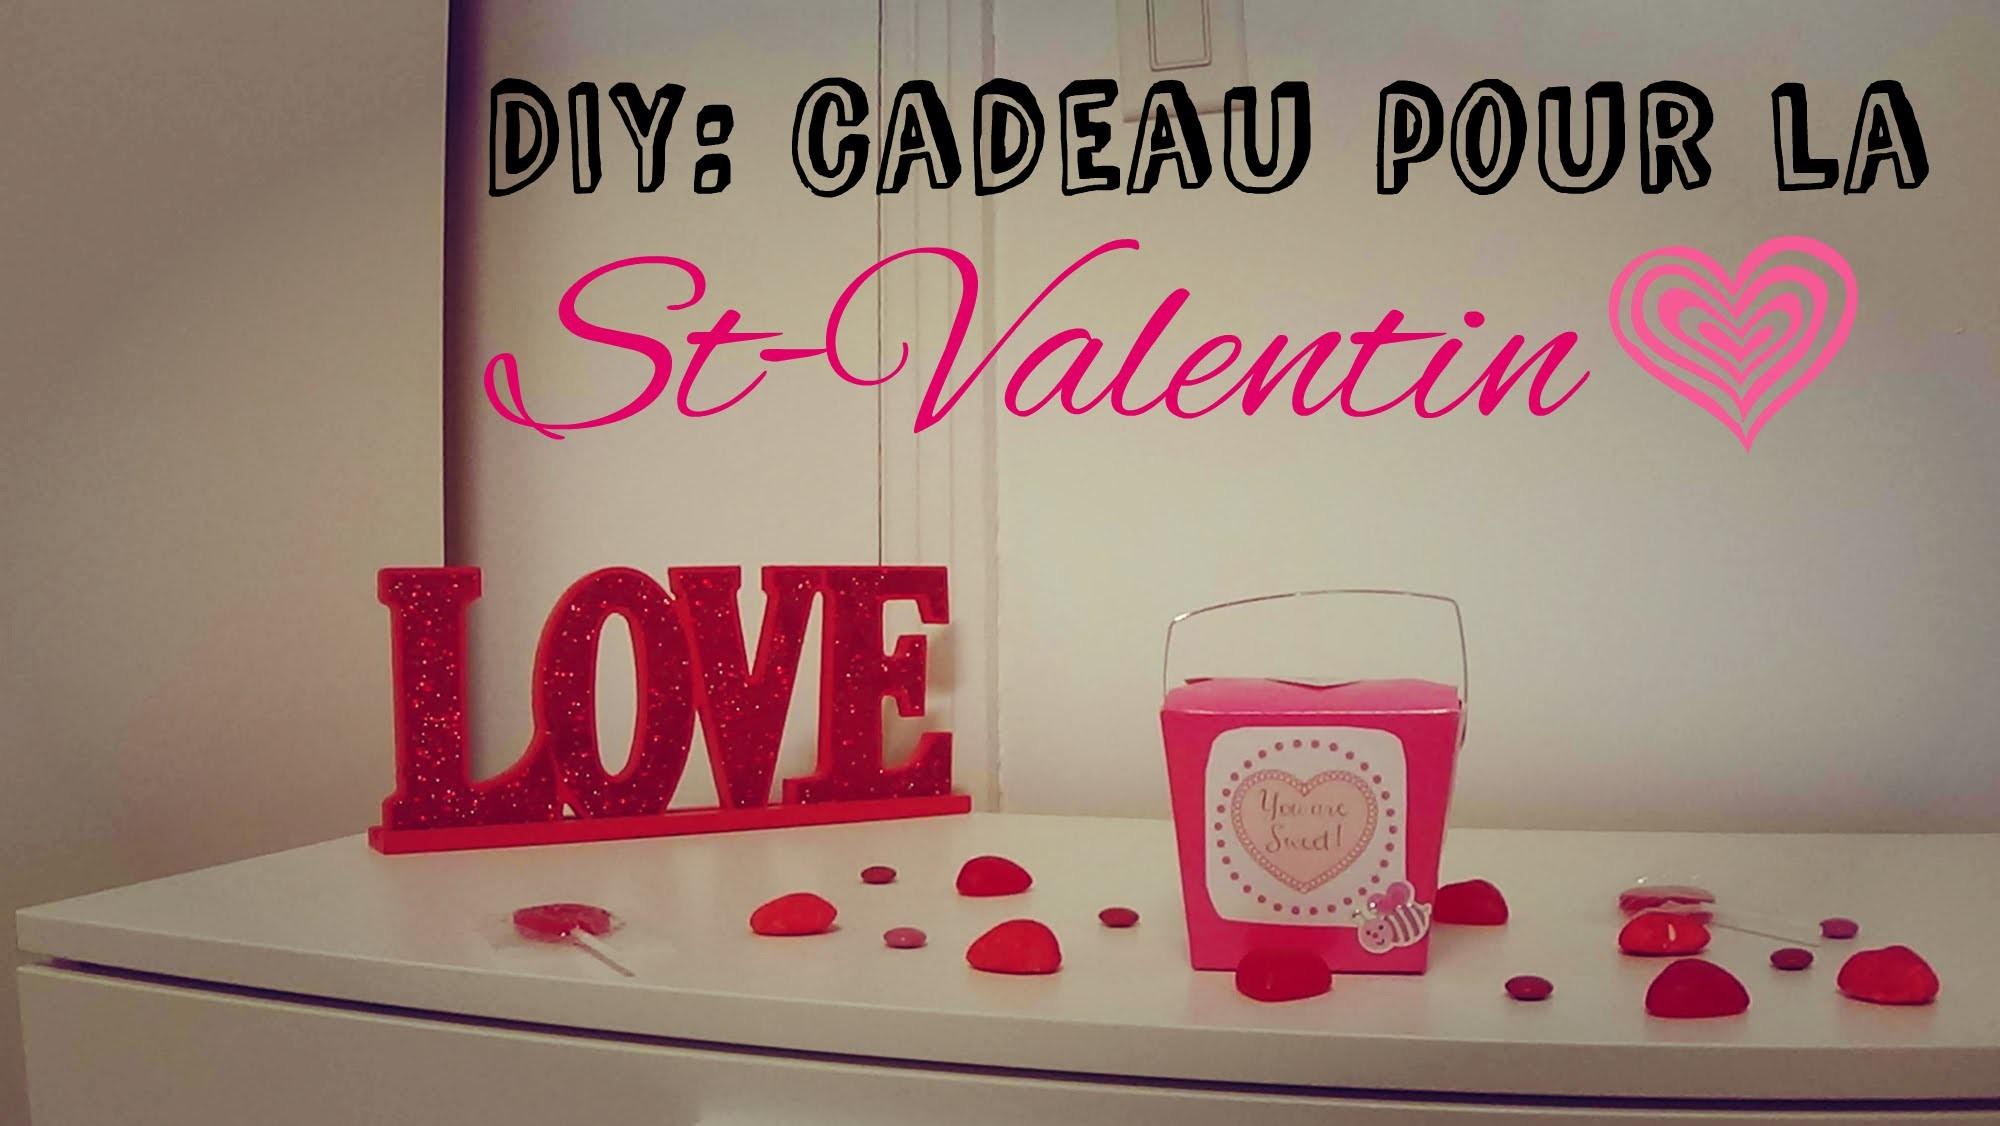 DIY : Cadeau pour la St-Valentin